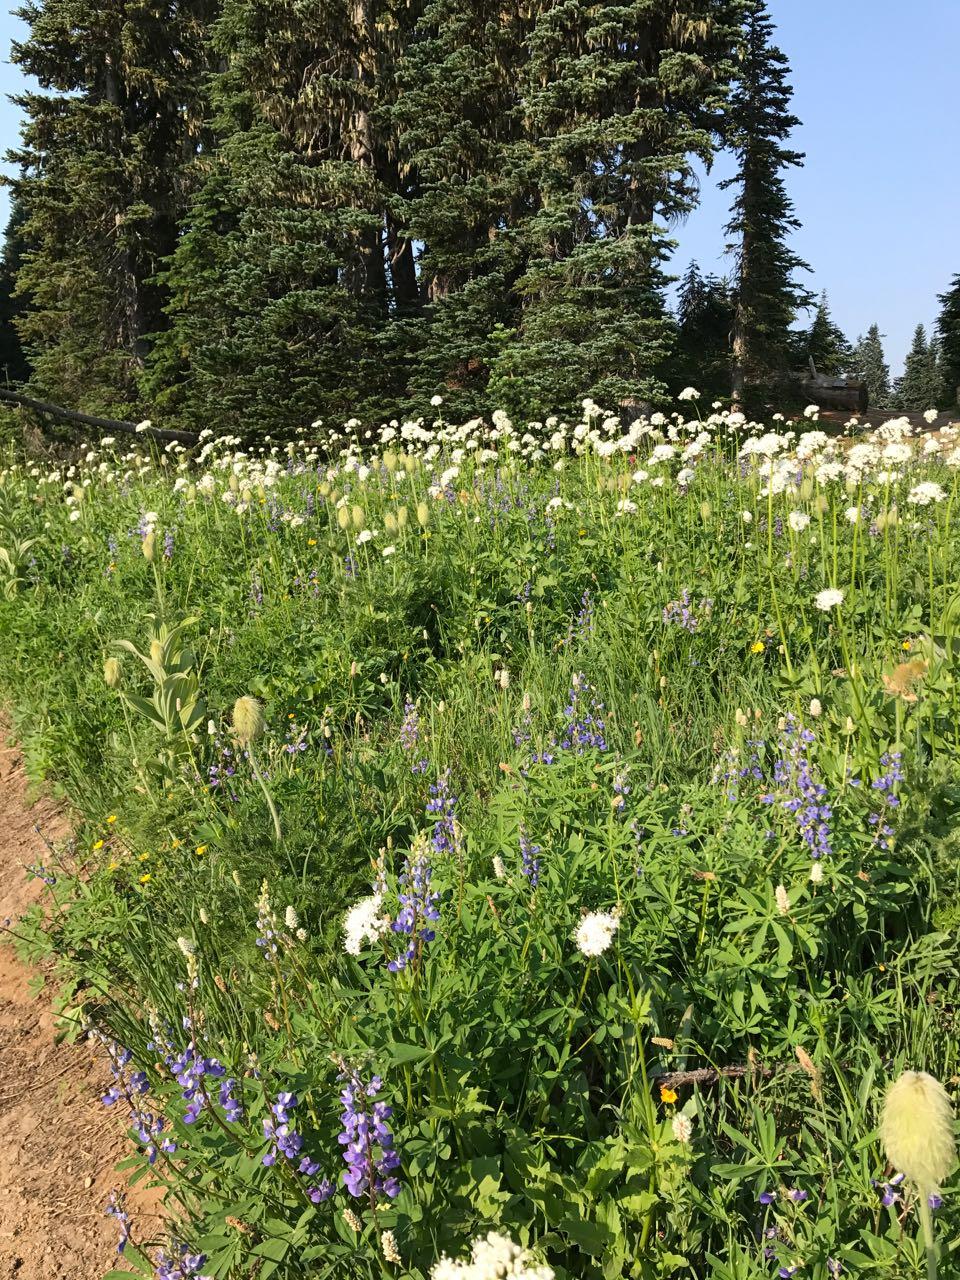 wilflowers at Ranier.jpg